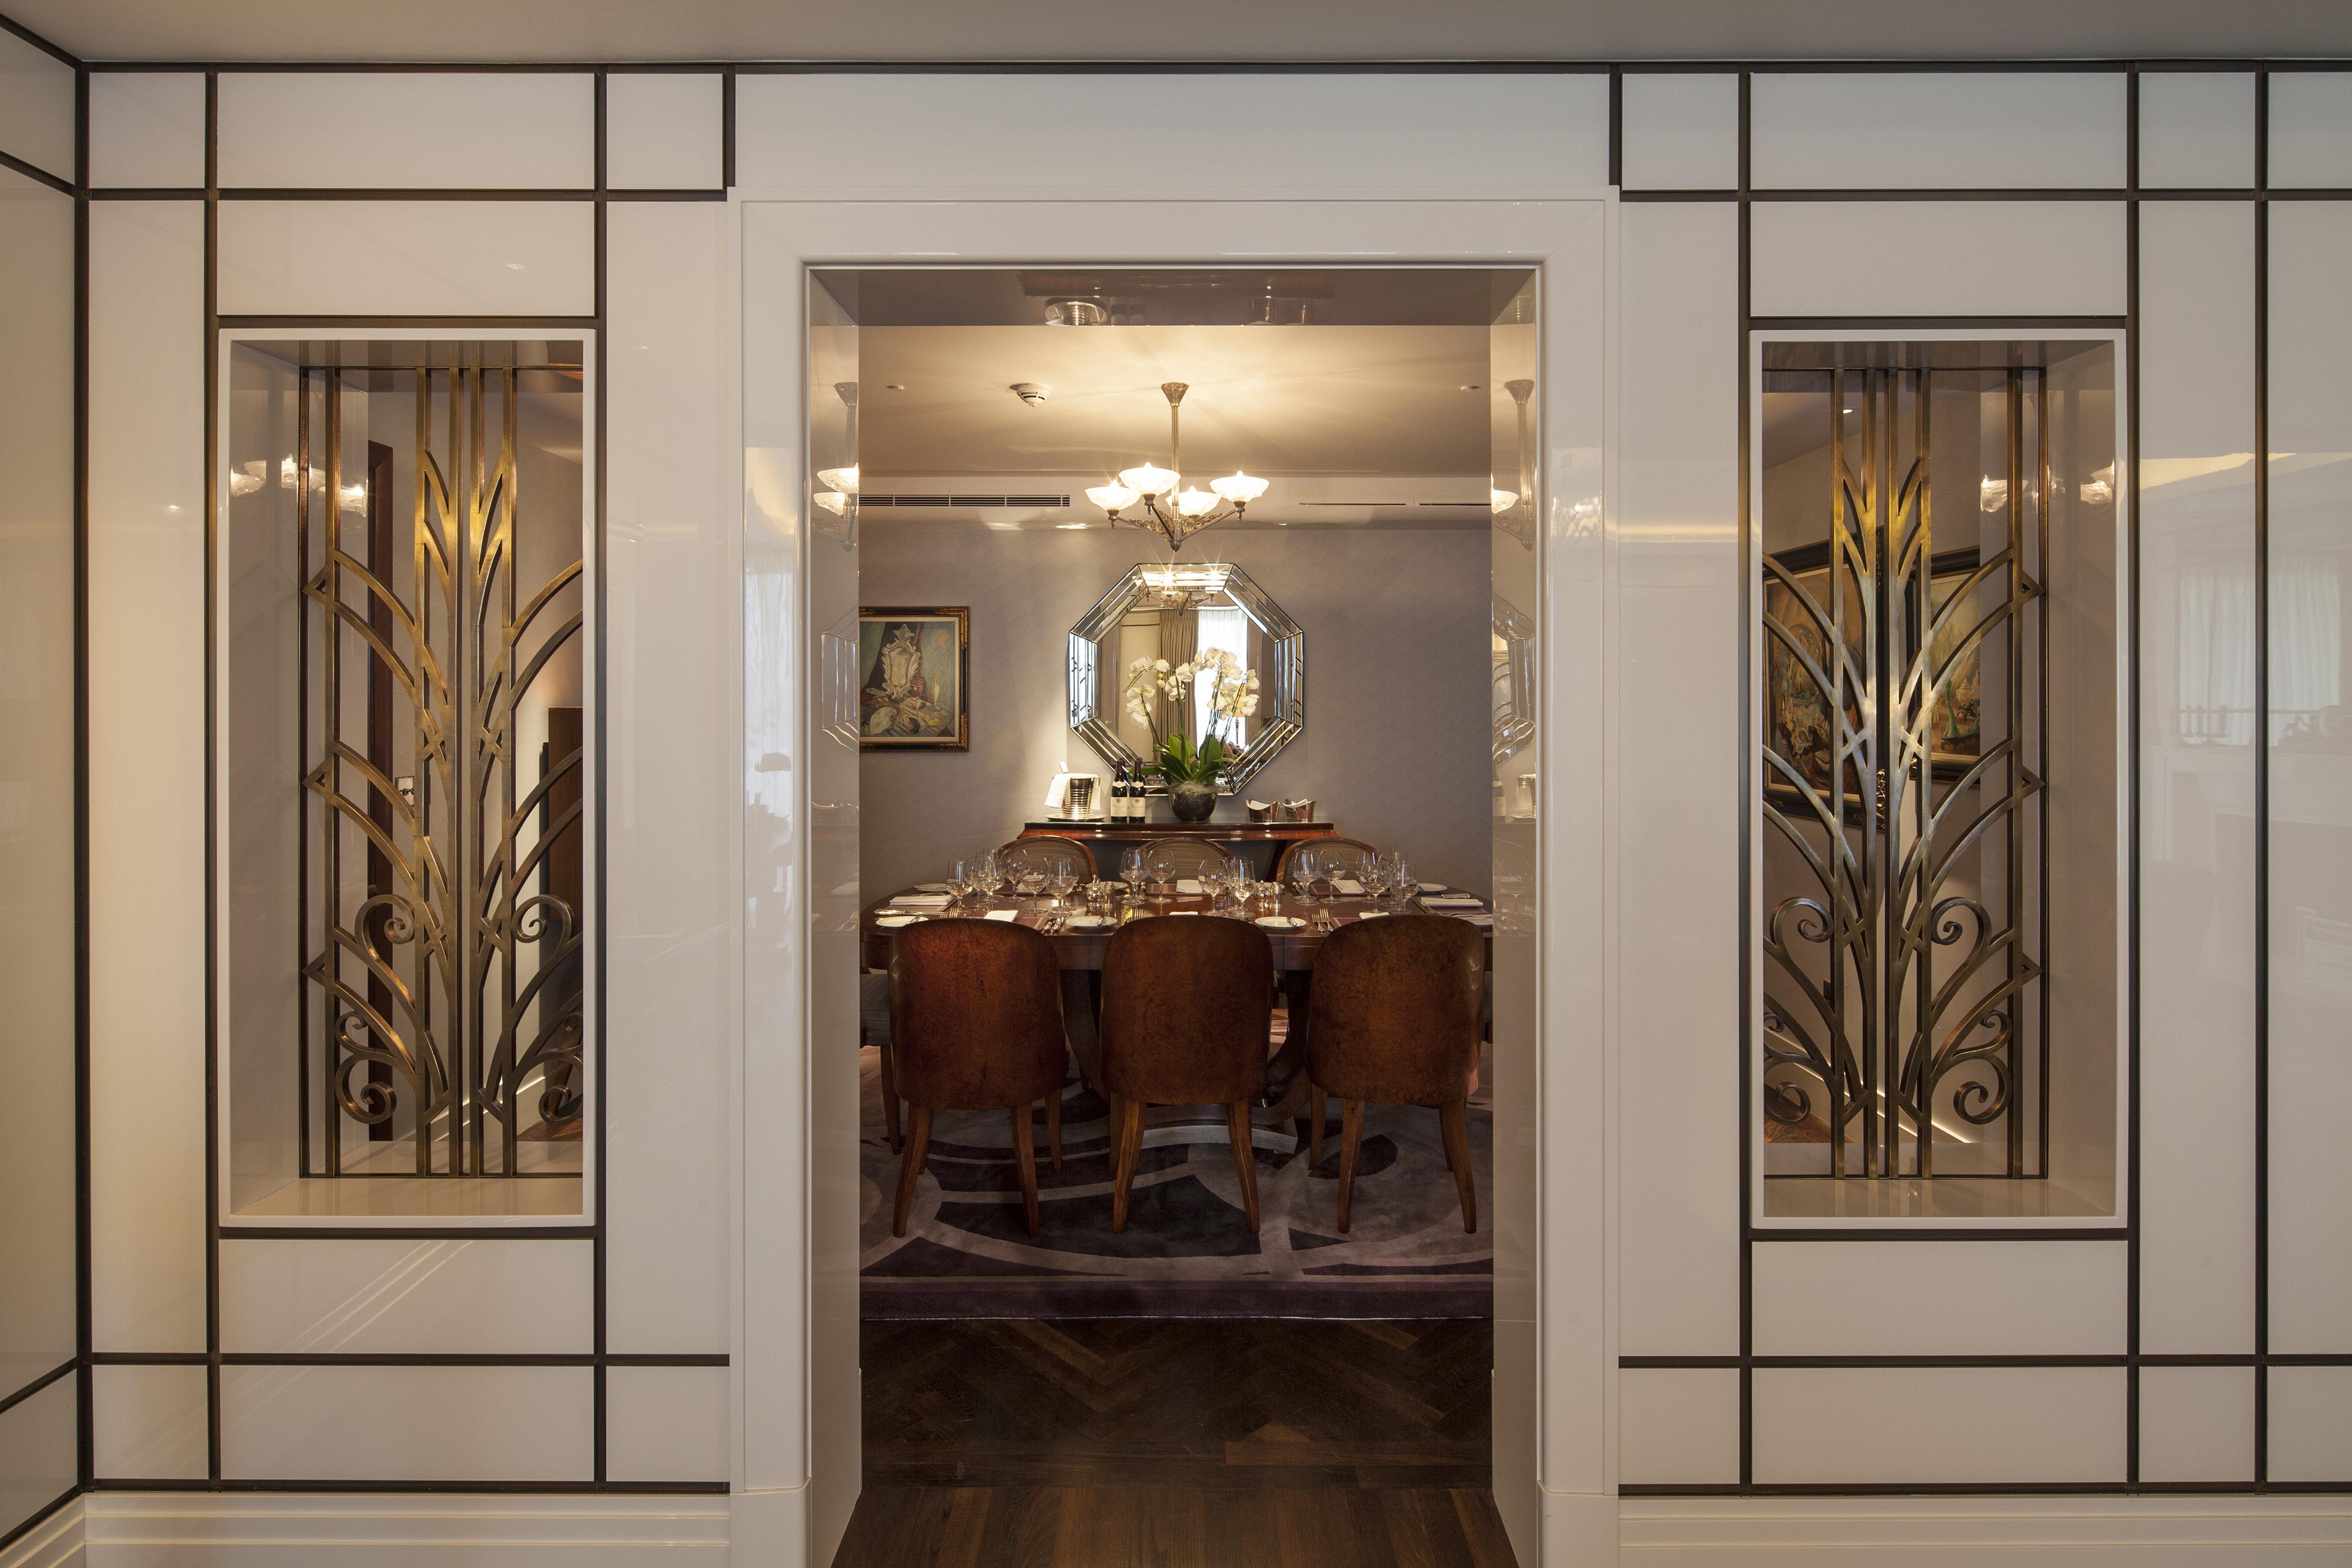 8306-presidential-dining-doorway.jpg